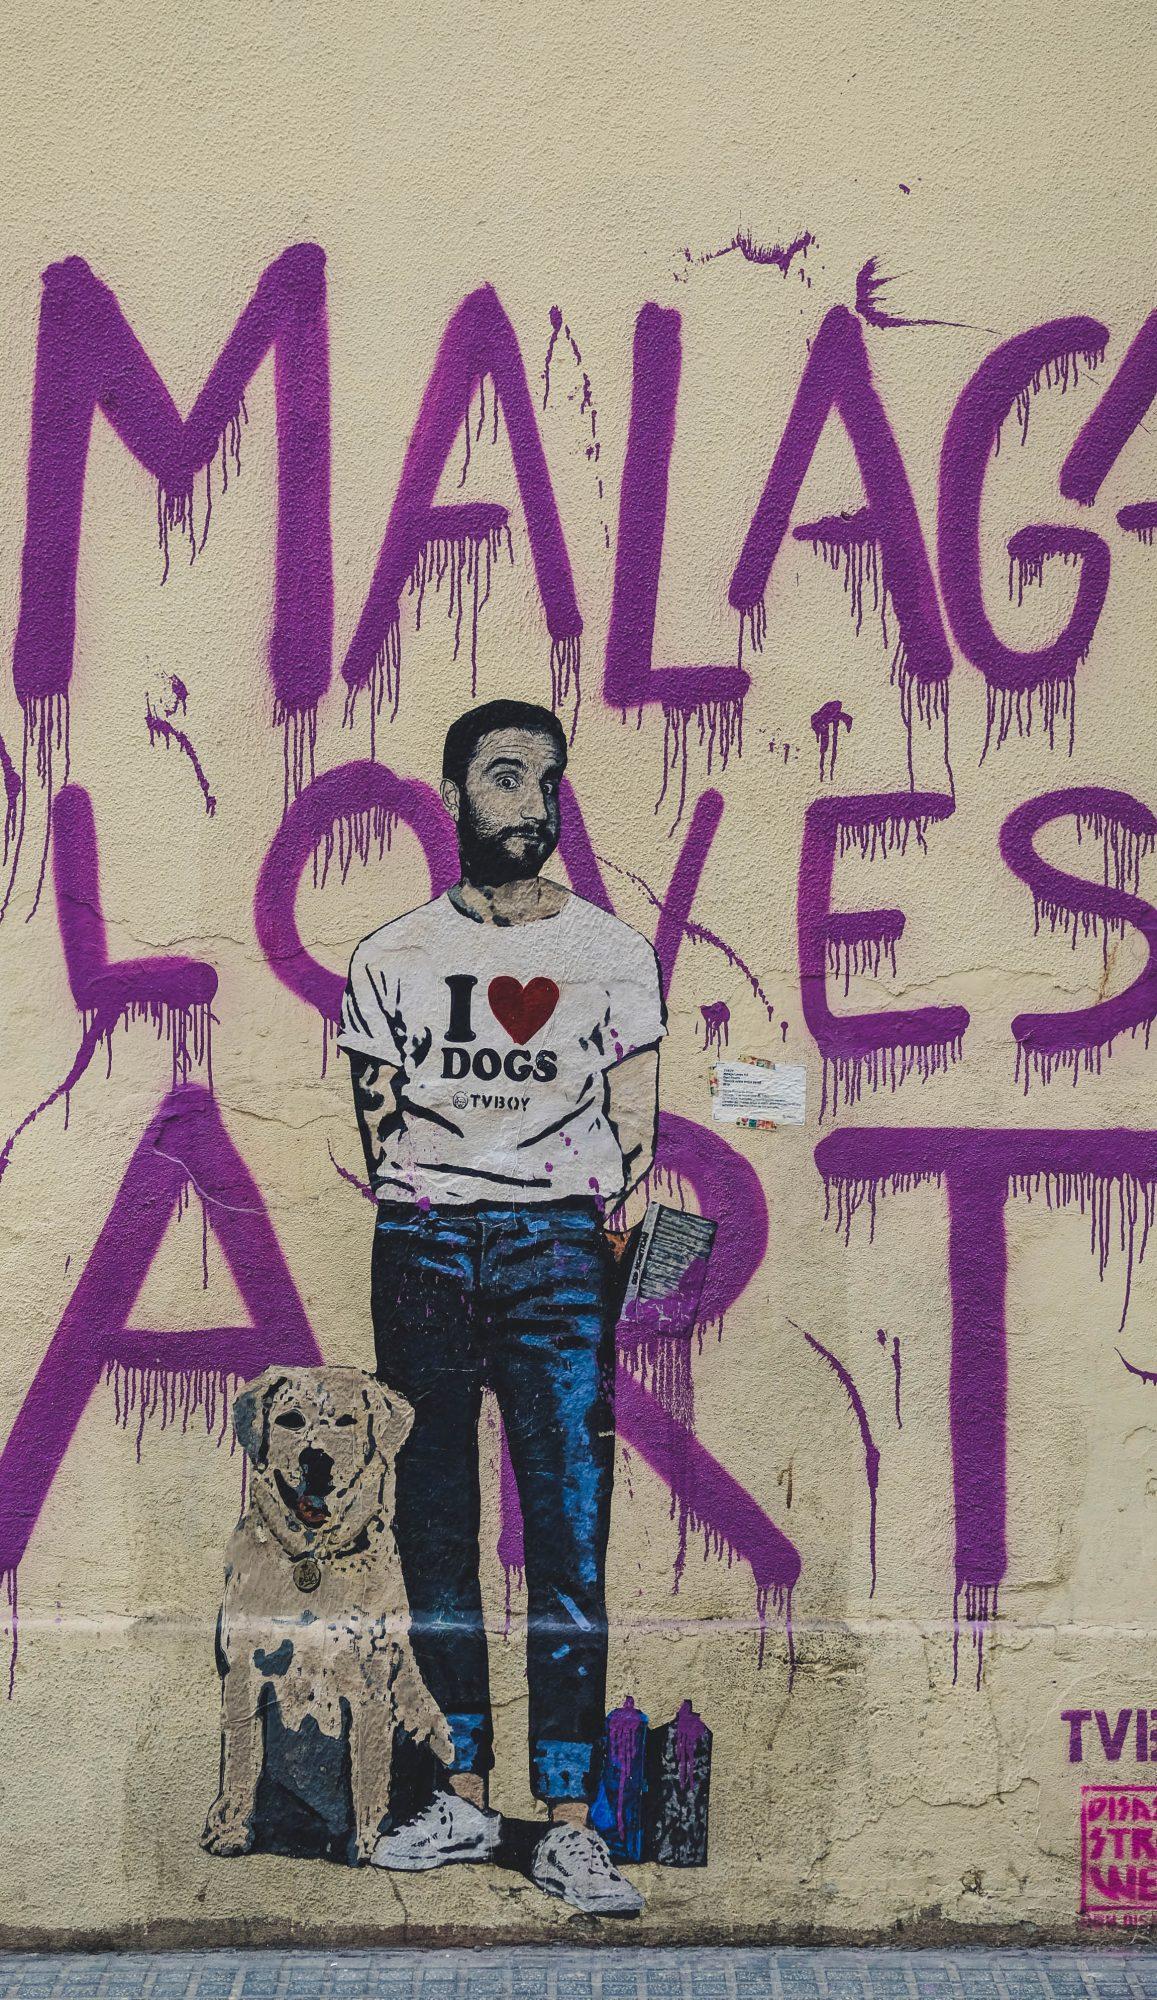 Malaga Loves Art 1.1 - Malaga, Espagne